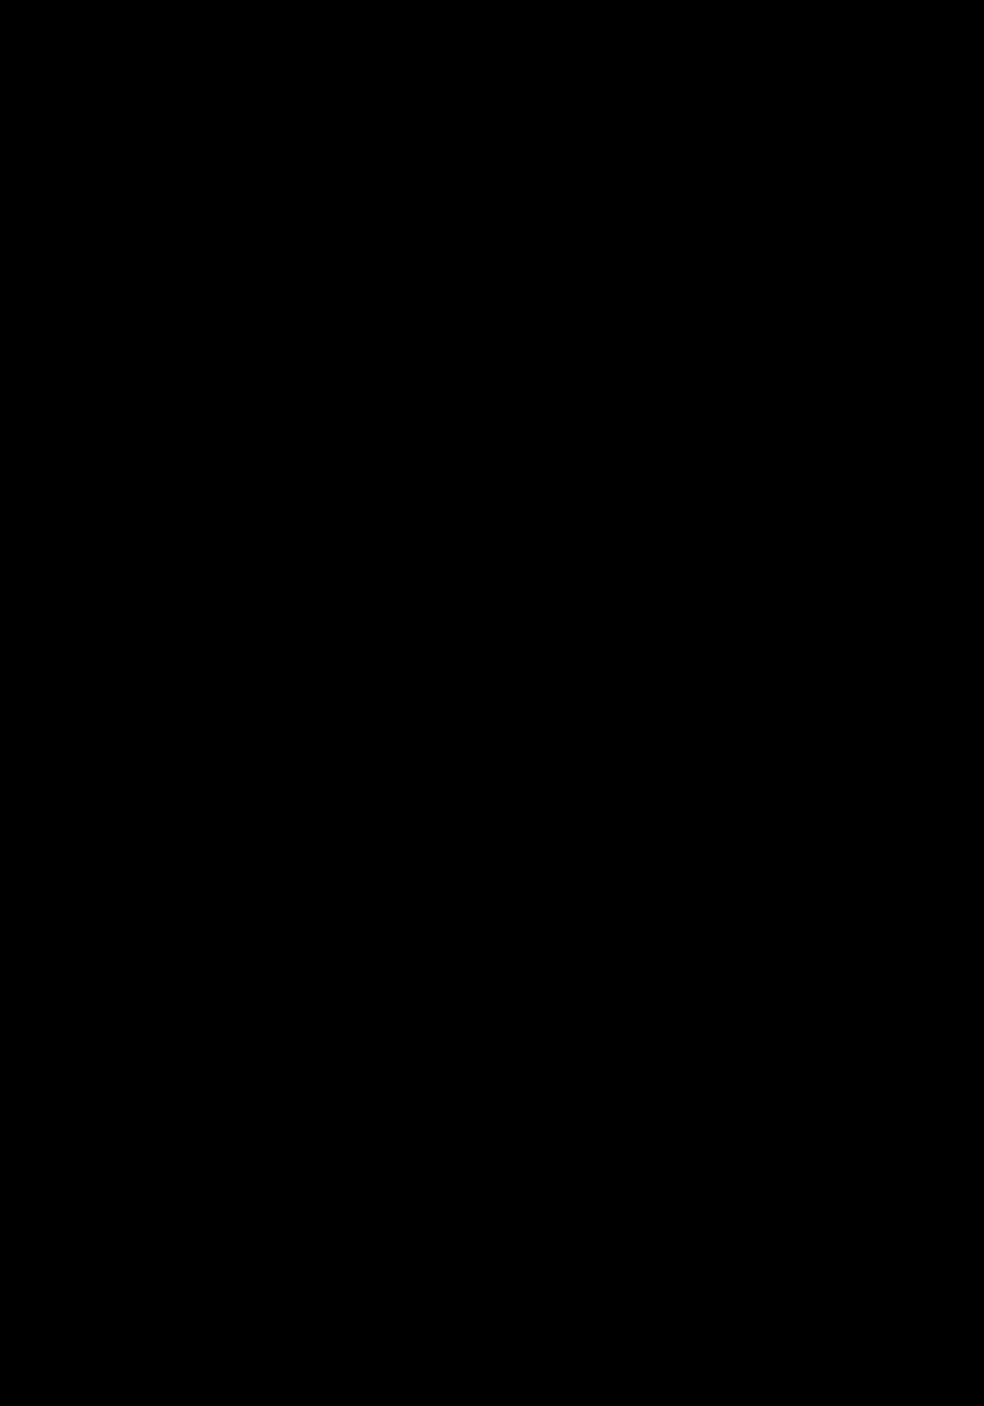 淡古印 AL-KL 縦組見本